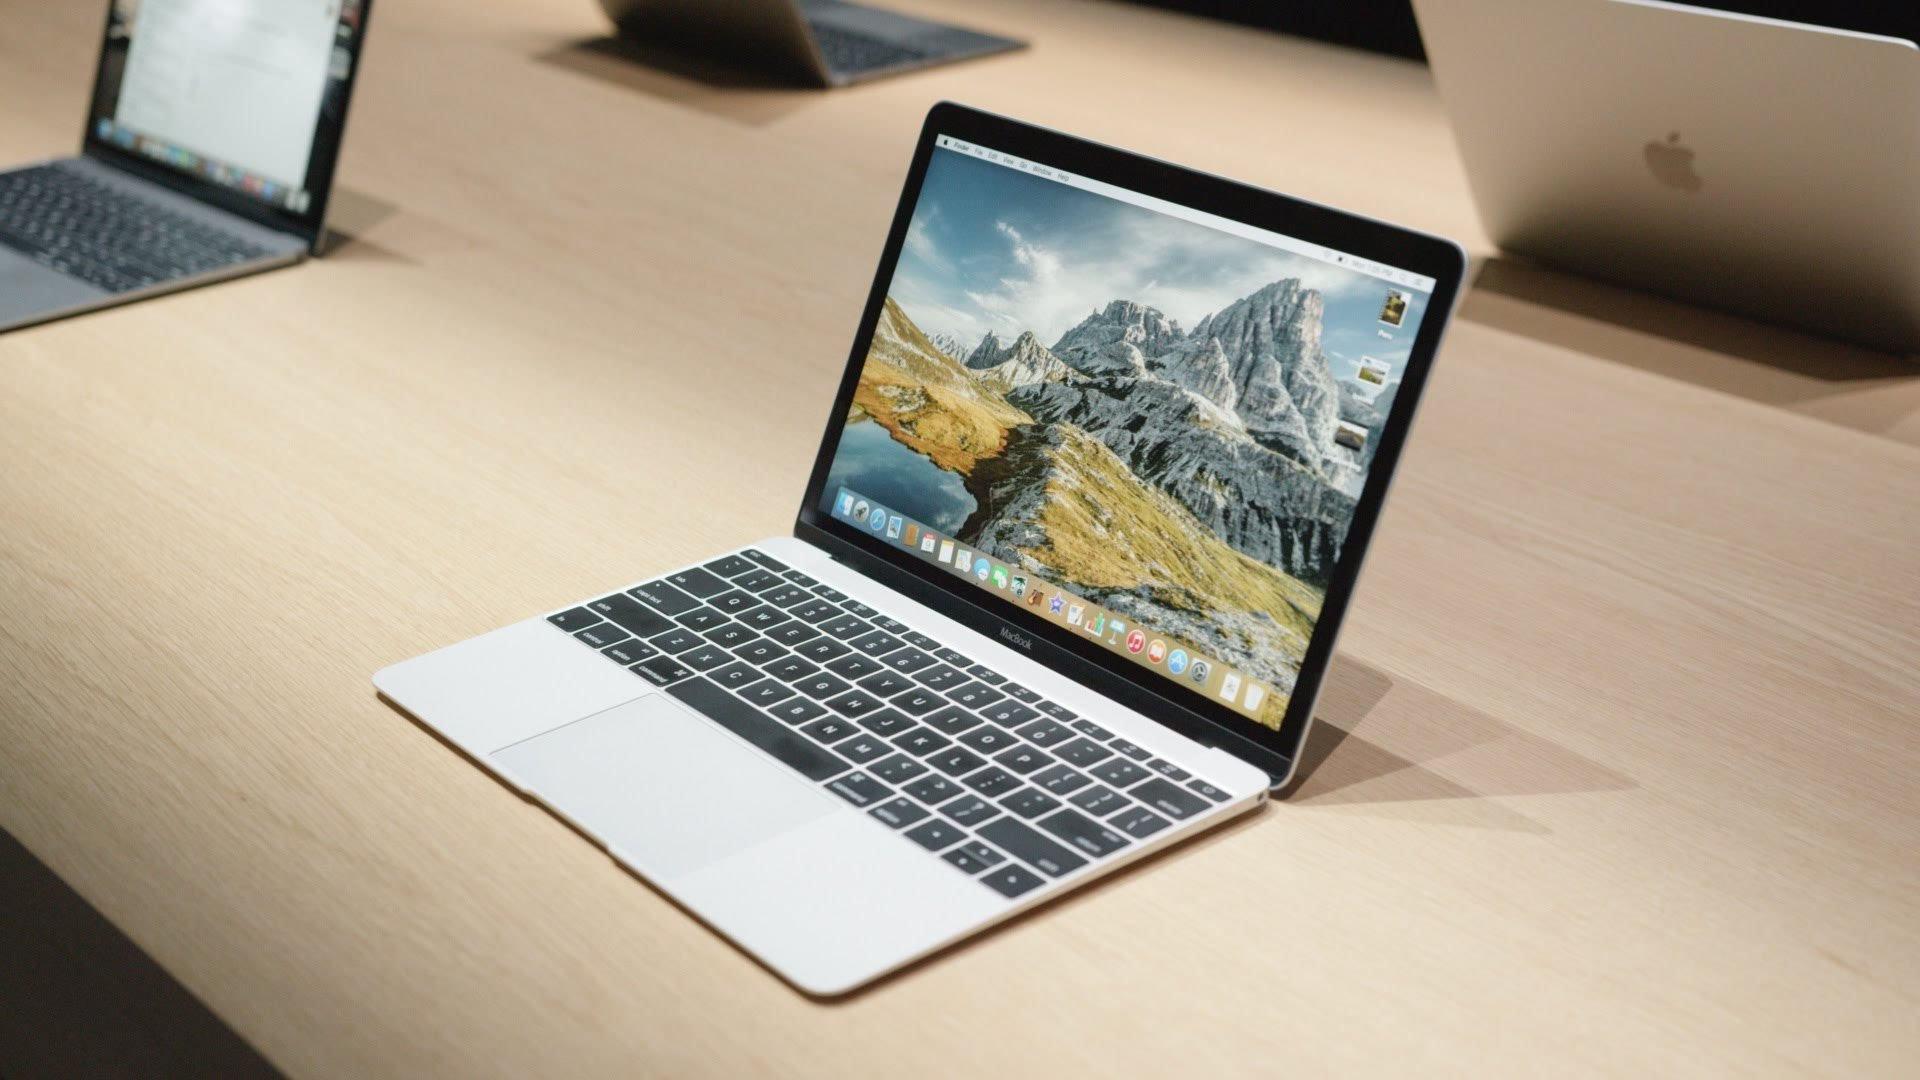 6988元超薄笔记本电脑macbook air配置 苹果笔记本推荐图片